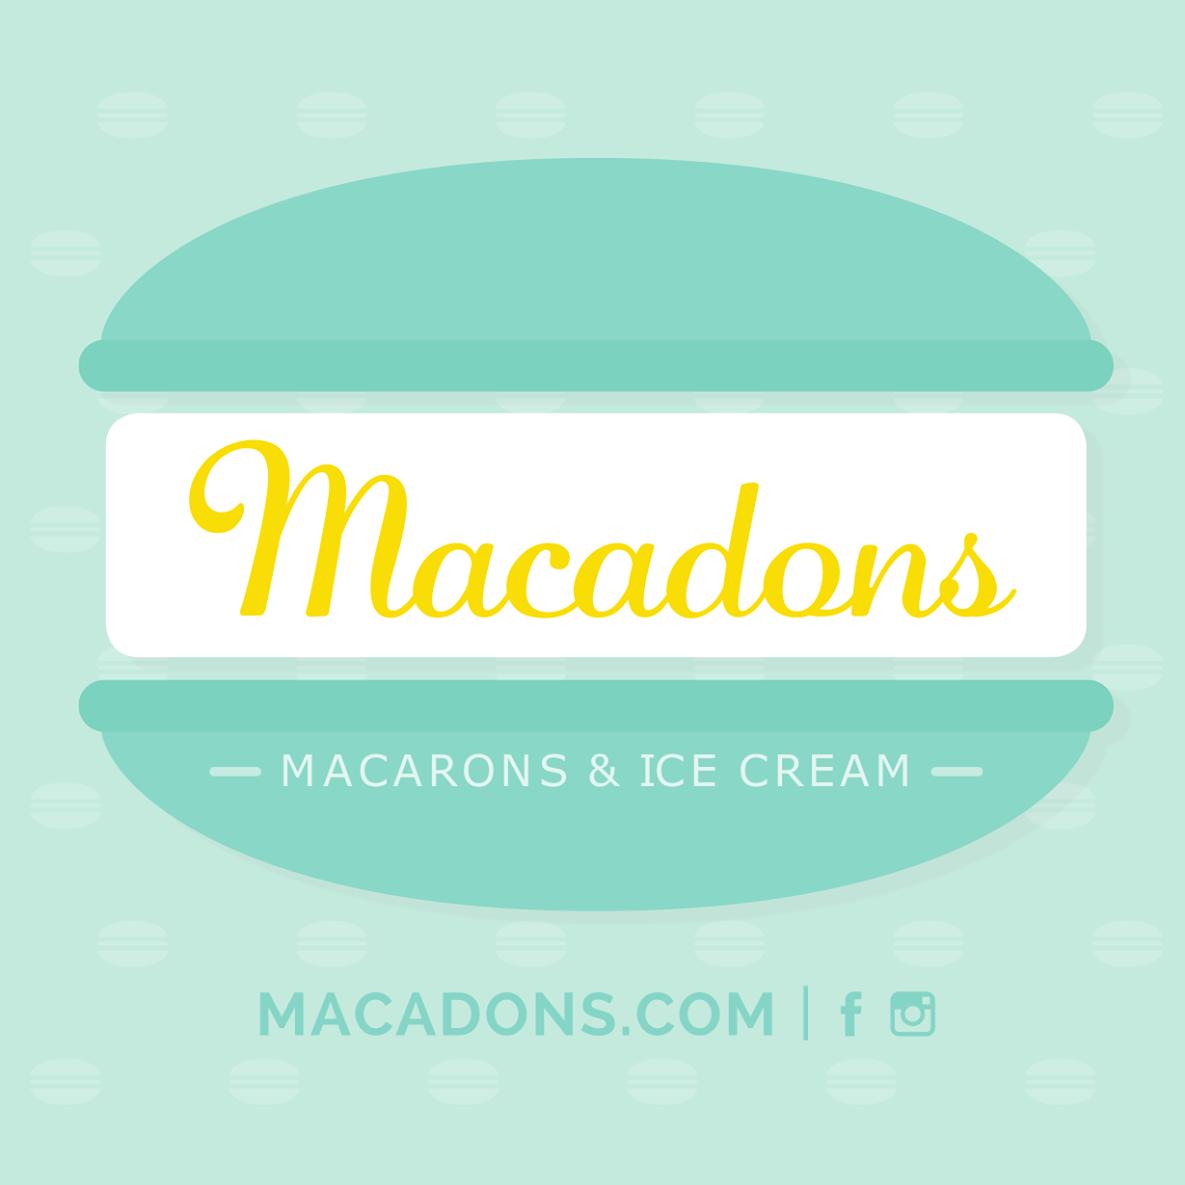 Macadons - Raffle donator & delicious Macarons